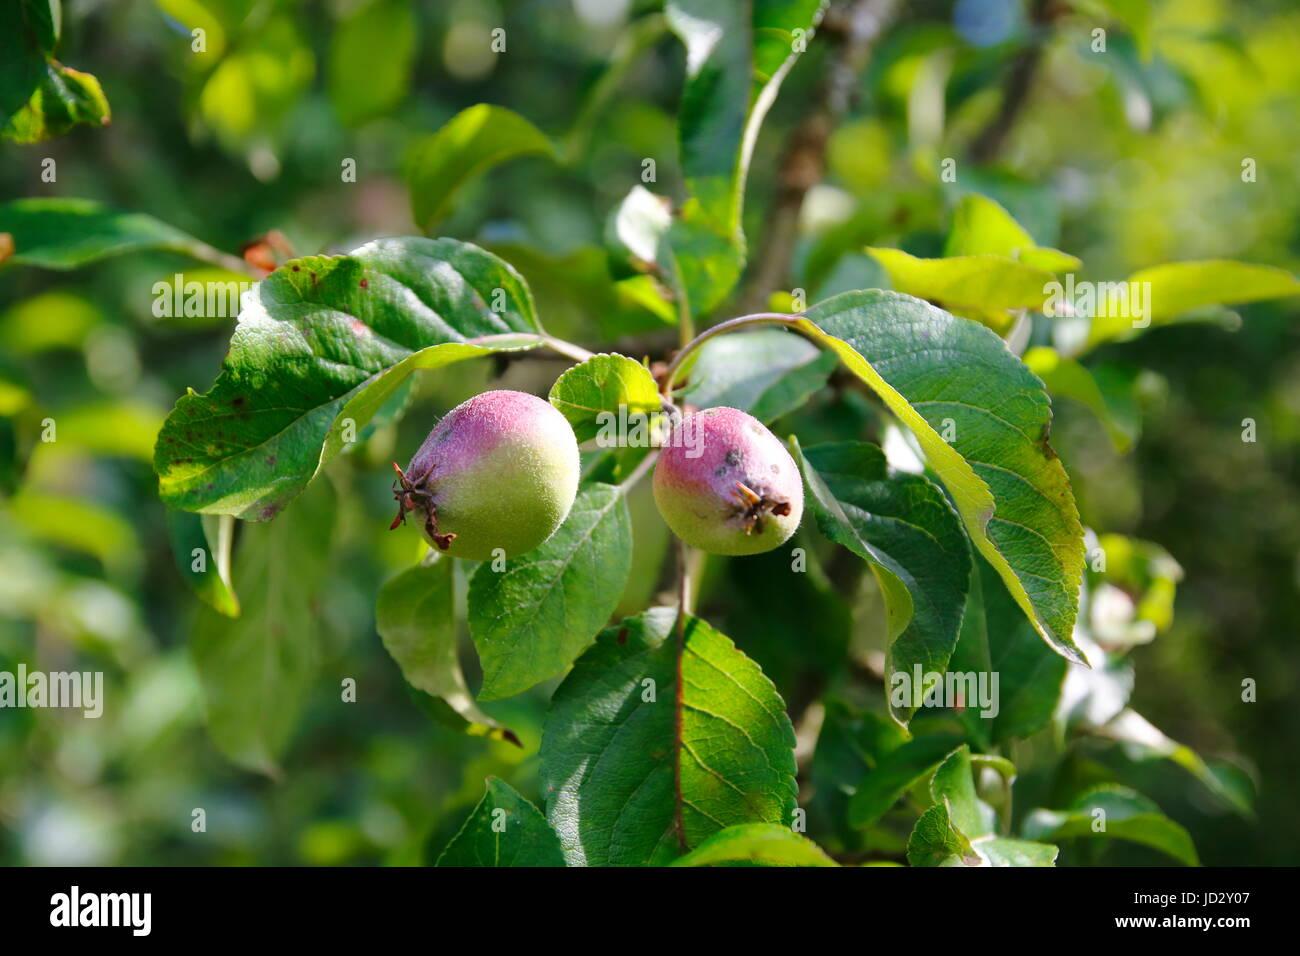 apfel frucht im wachstum direkt nach der bl te am baum stock photo 145738551 alamy. Black Bedroom Furniture Sets. Home Design Ideas